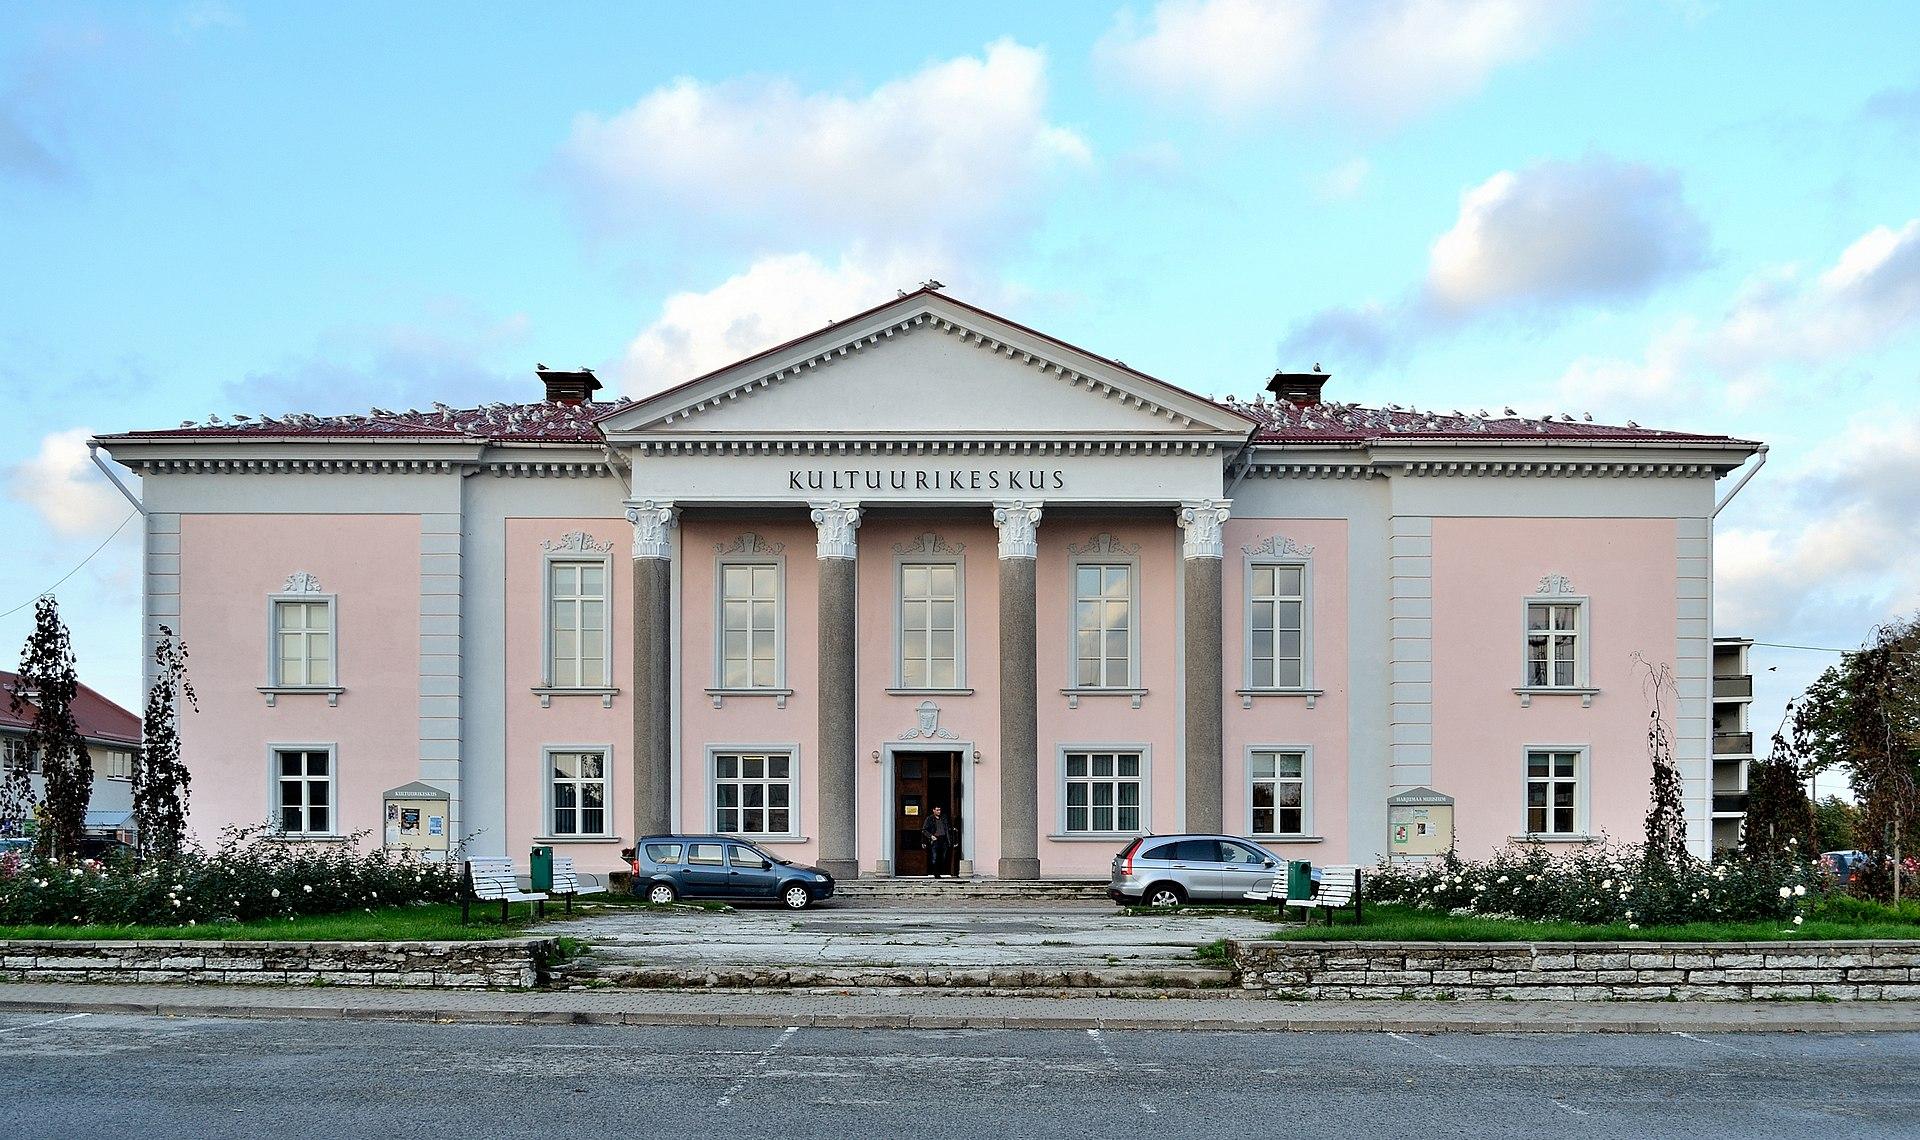 Keila kultuurikeskus.jpg